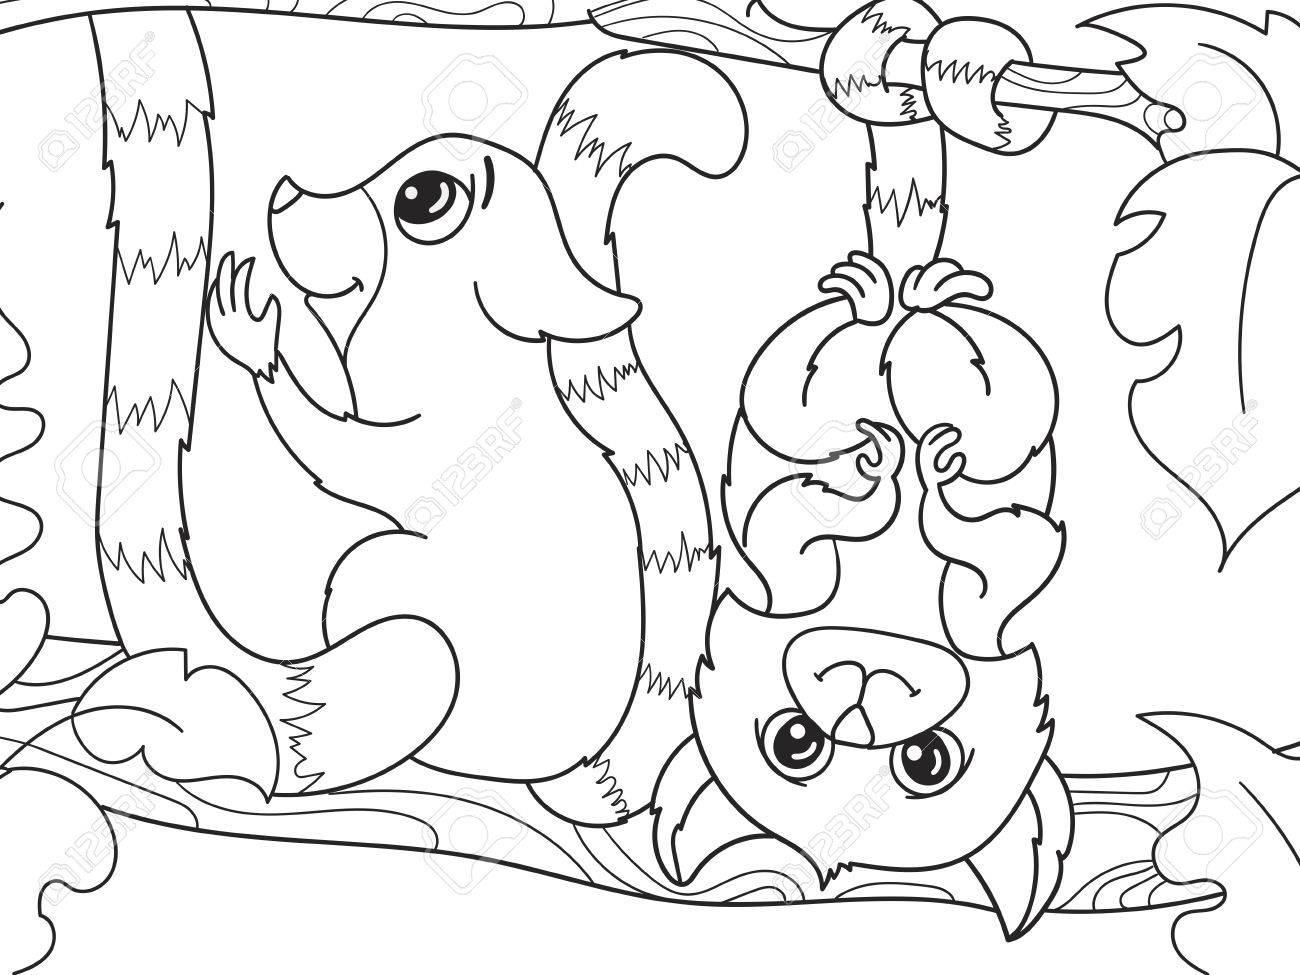 Familia De Dibujos Animados De Dibujos Animados De Los Niños De Los ...